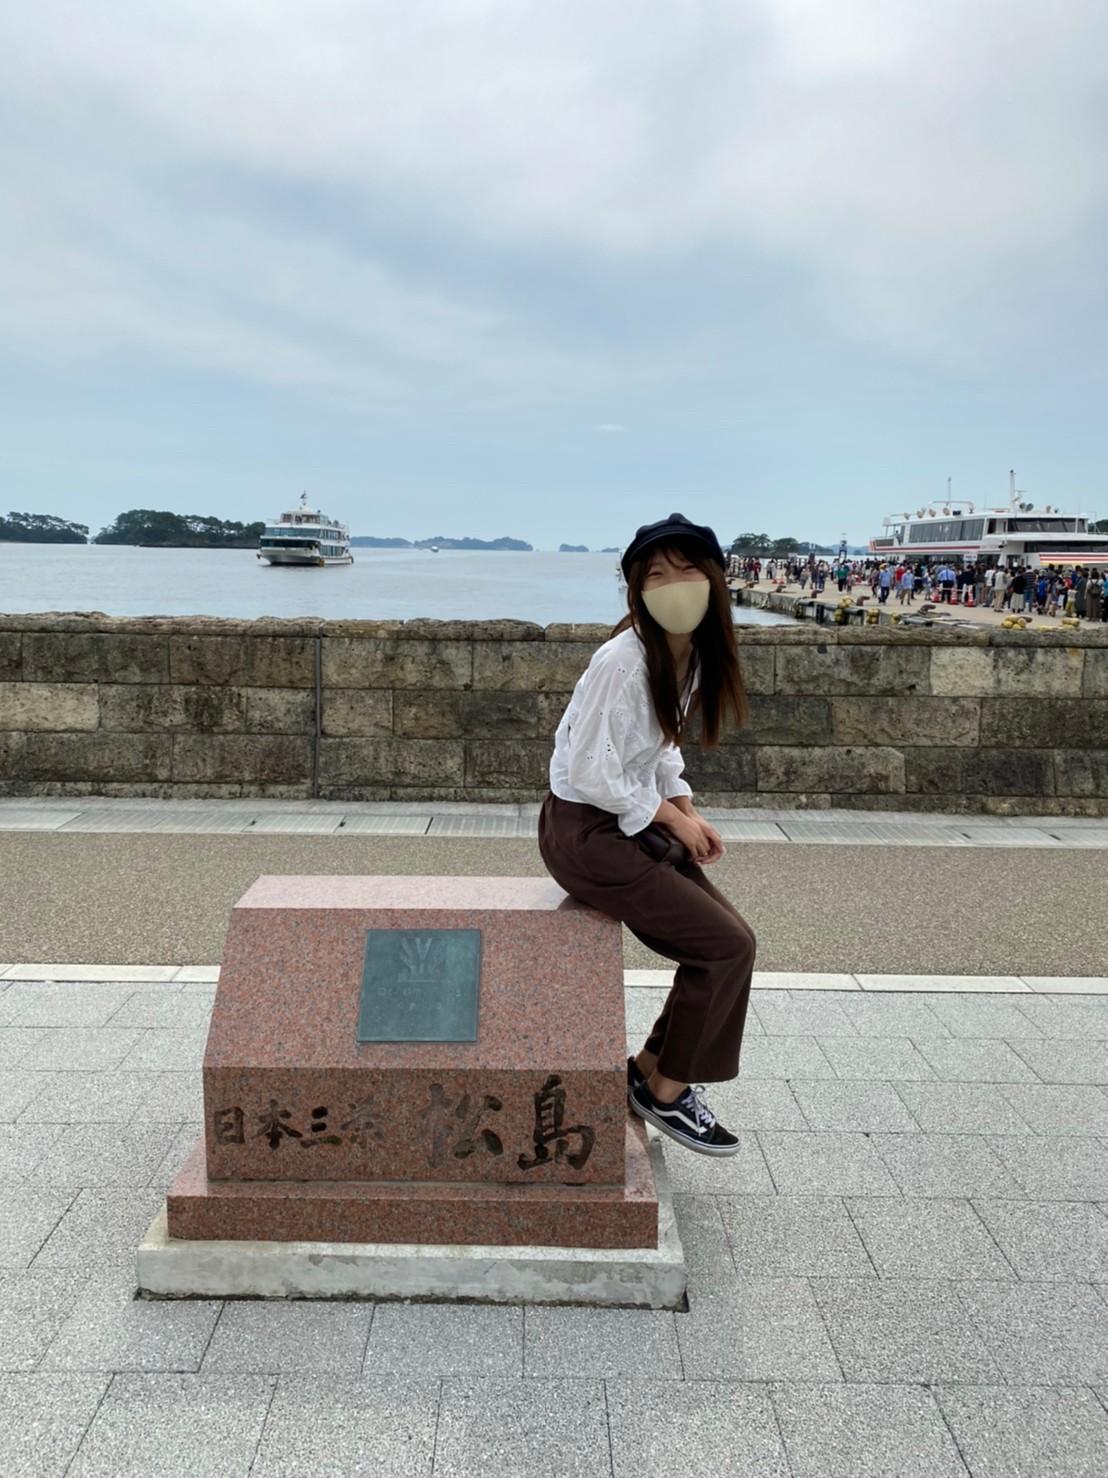 【プチ旅行】仙台の牛タンが美味しすぎる...日本三景《松島》で食べ歩きの旅❤︎_10